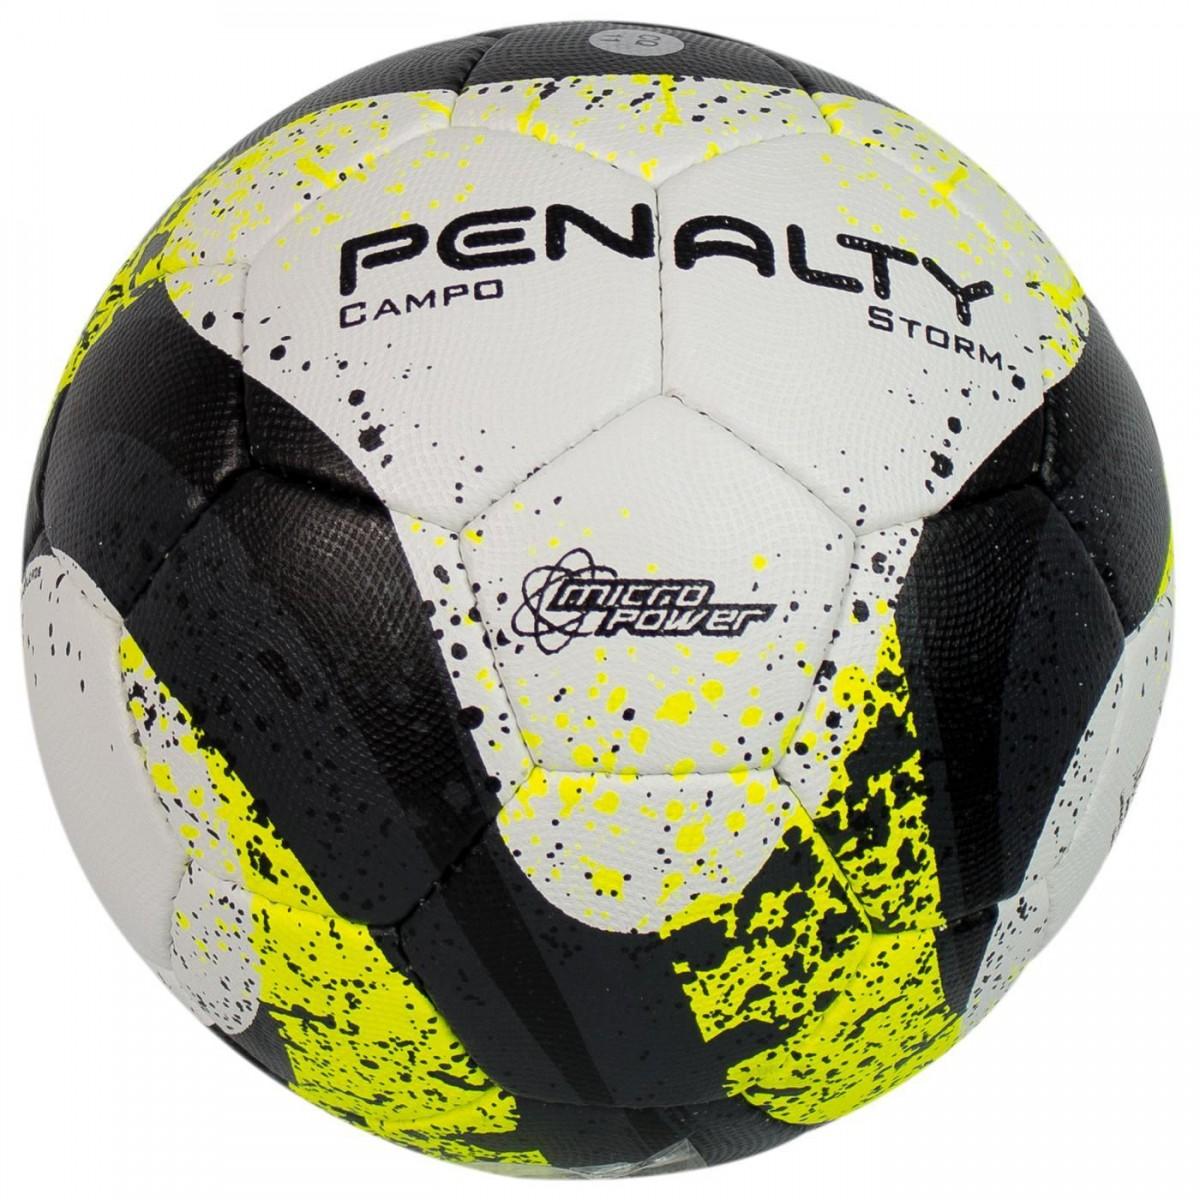 e0cb012c0c3cd Bizz Store - Bola Futebol de Campo Penalty Storm C C Oficial